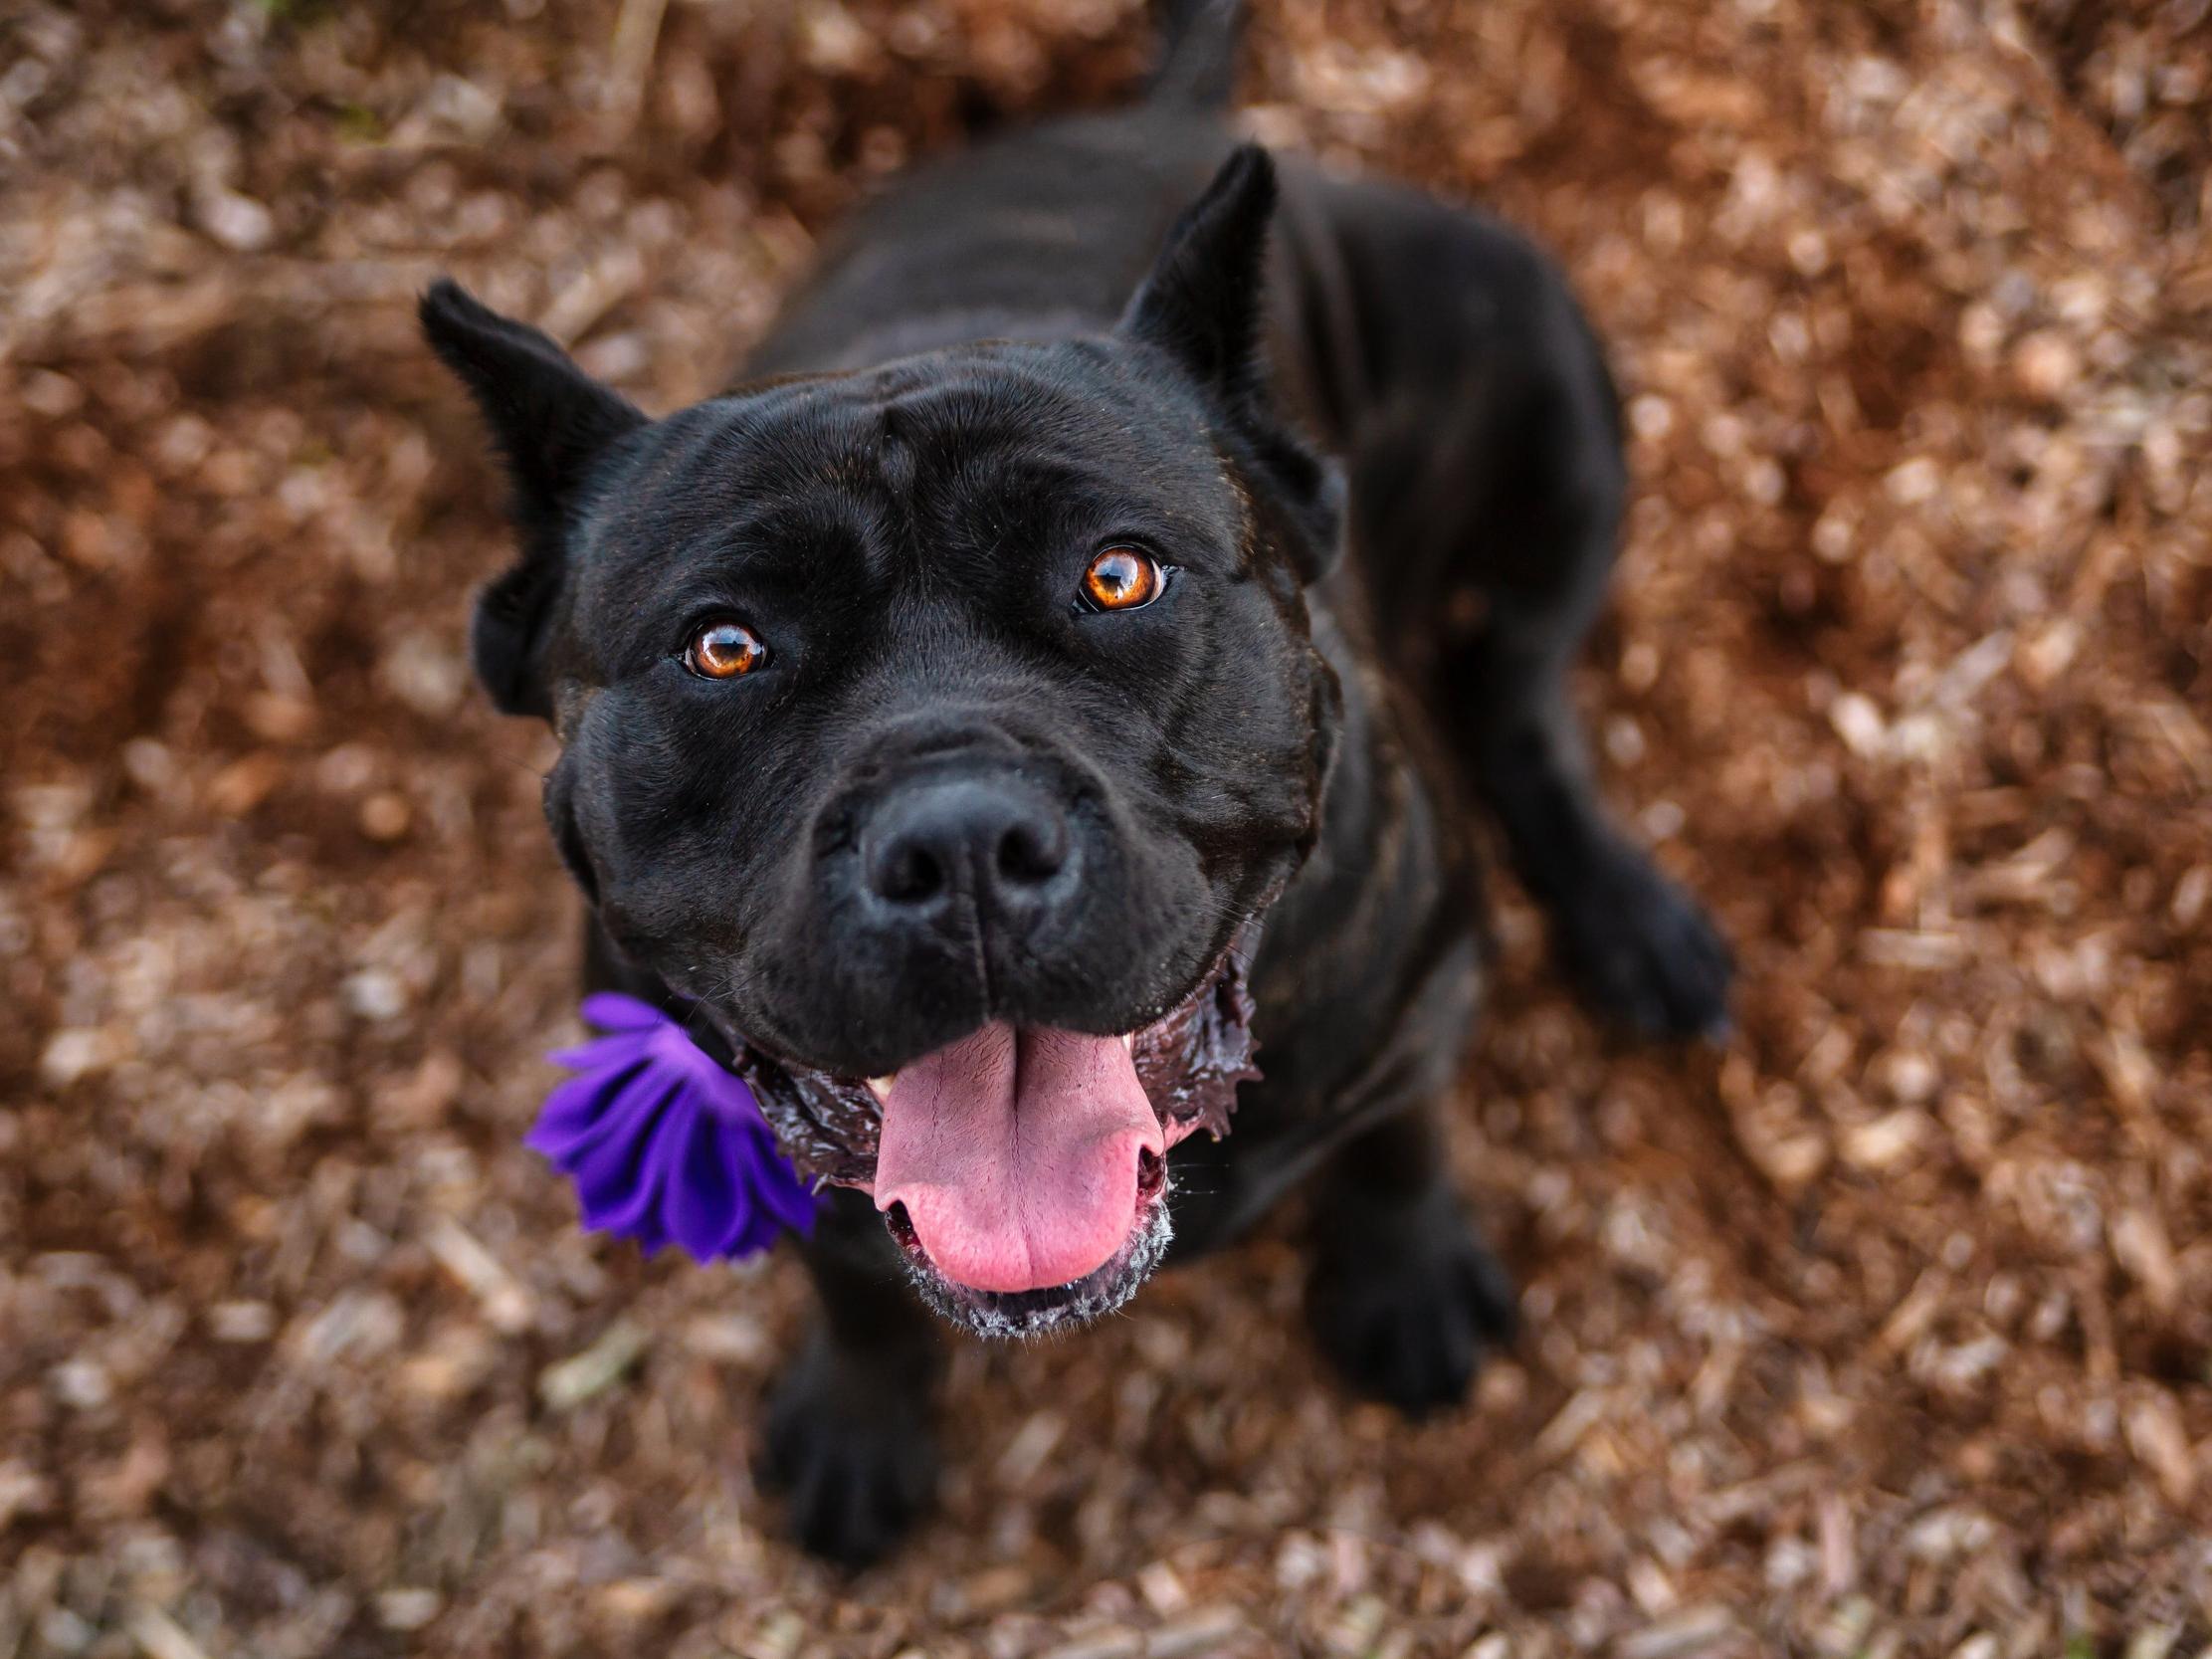 Cane Corso photo- smiley dog